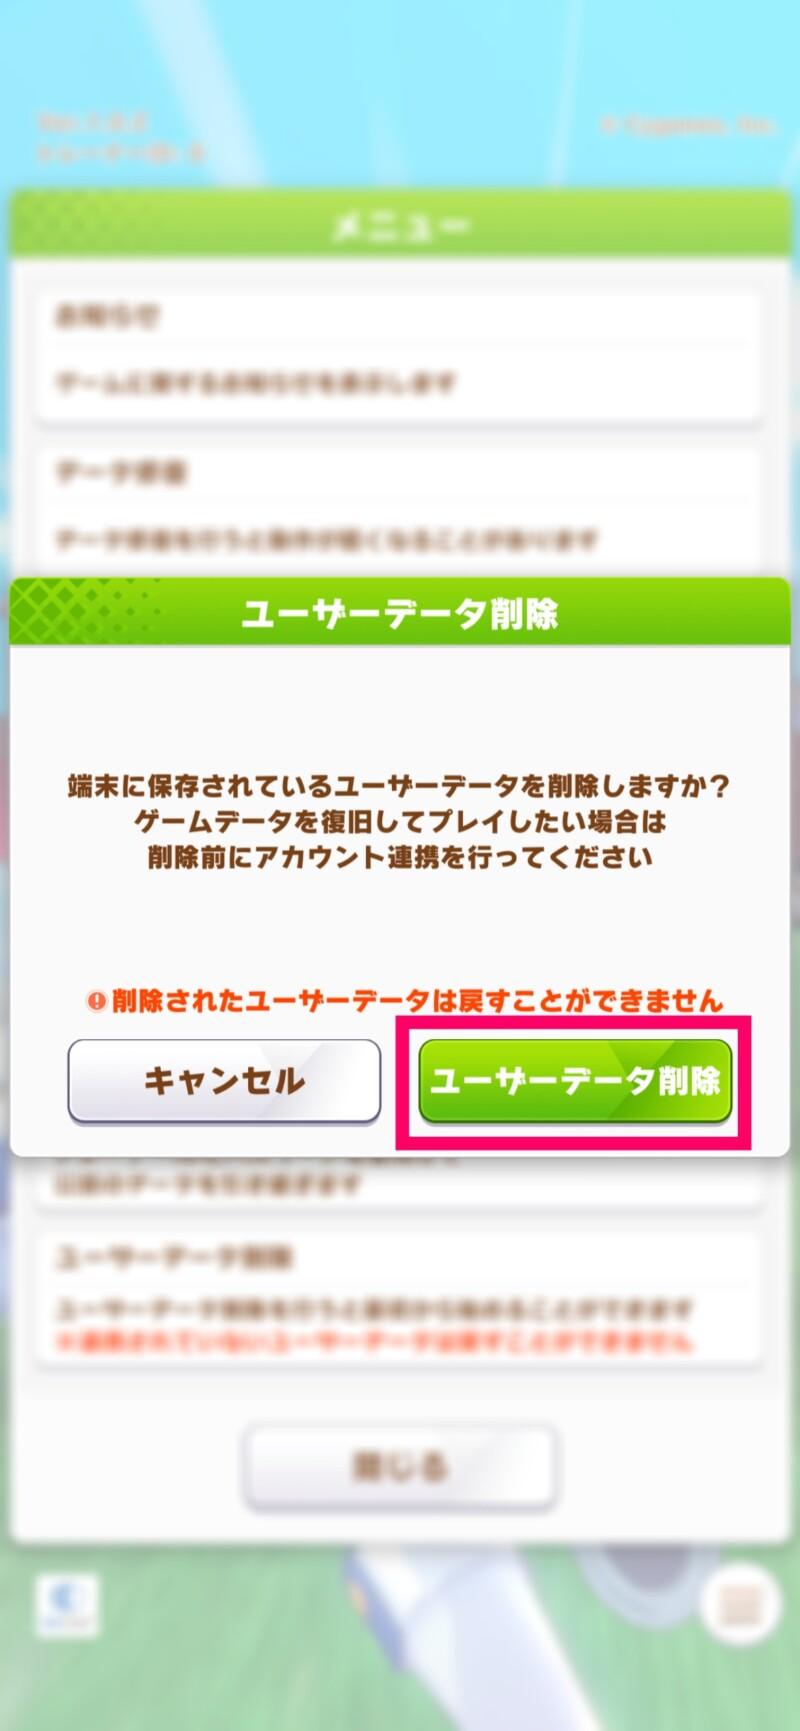 アプリゲームウマ娘リセマラ手順5